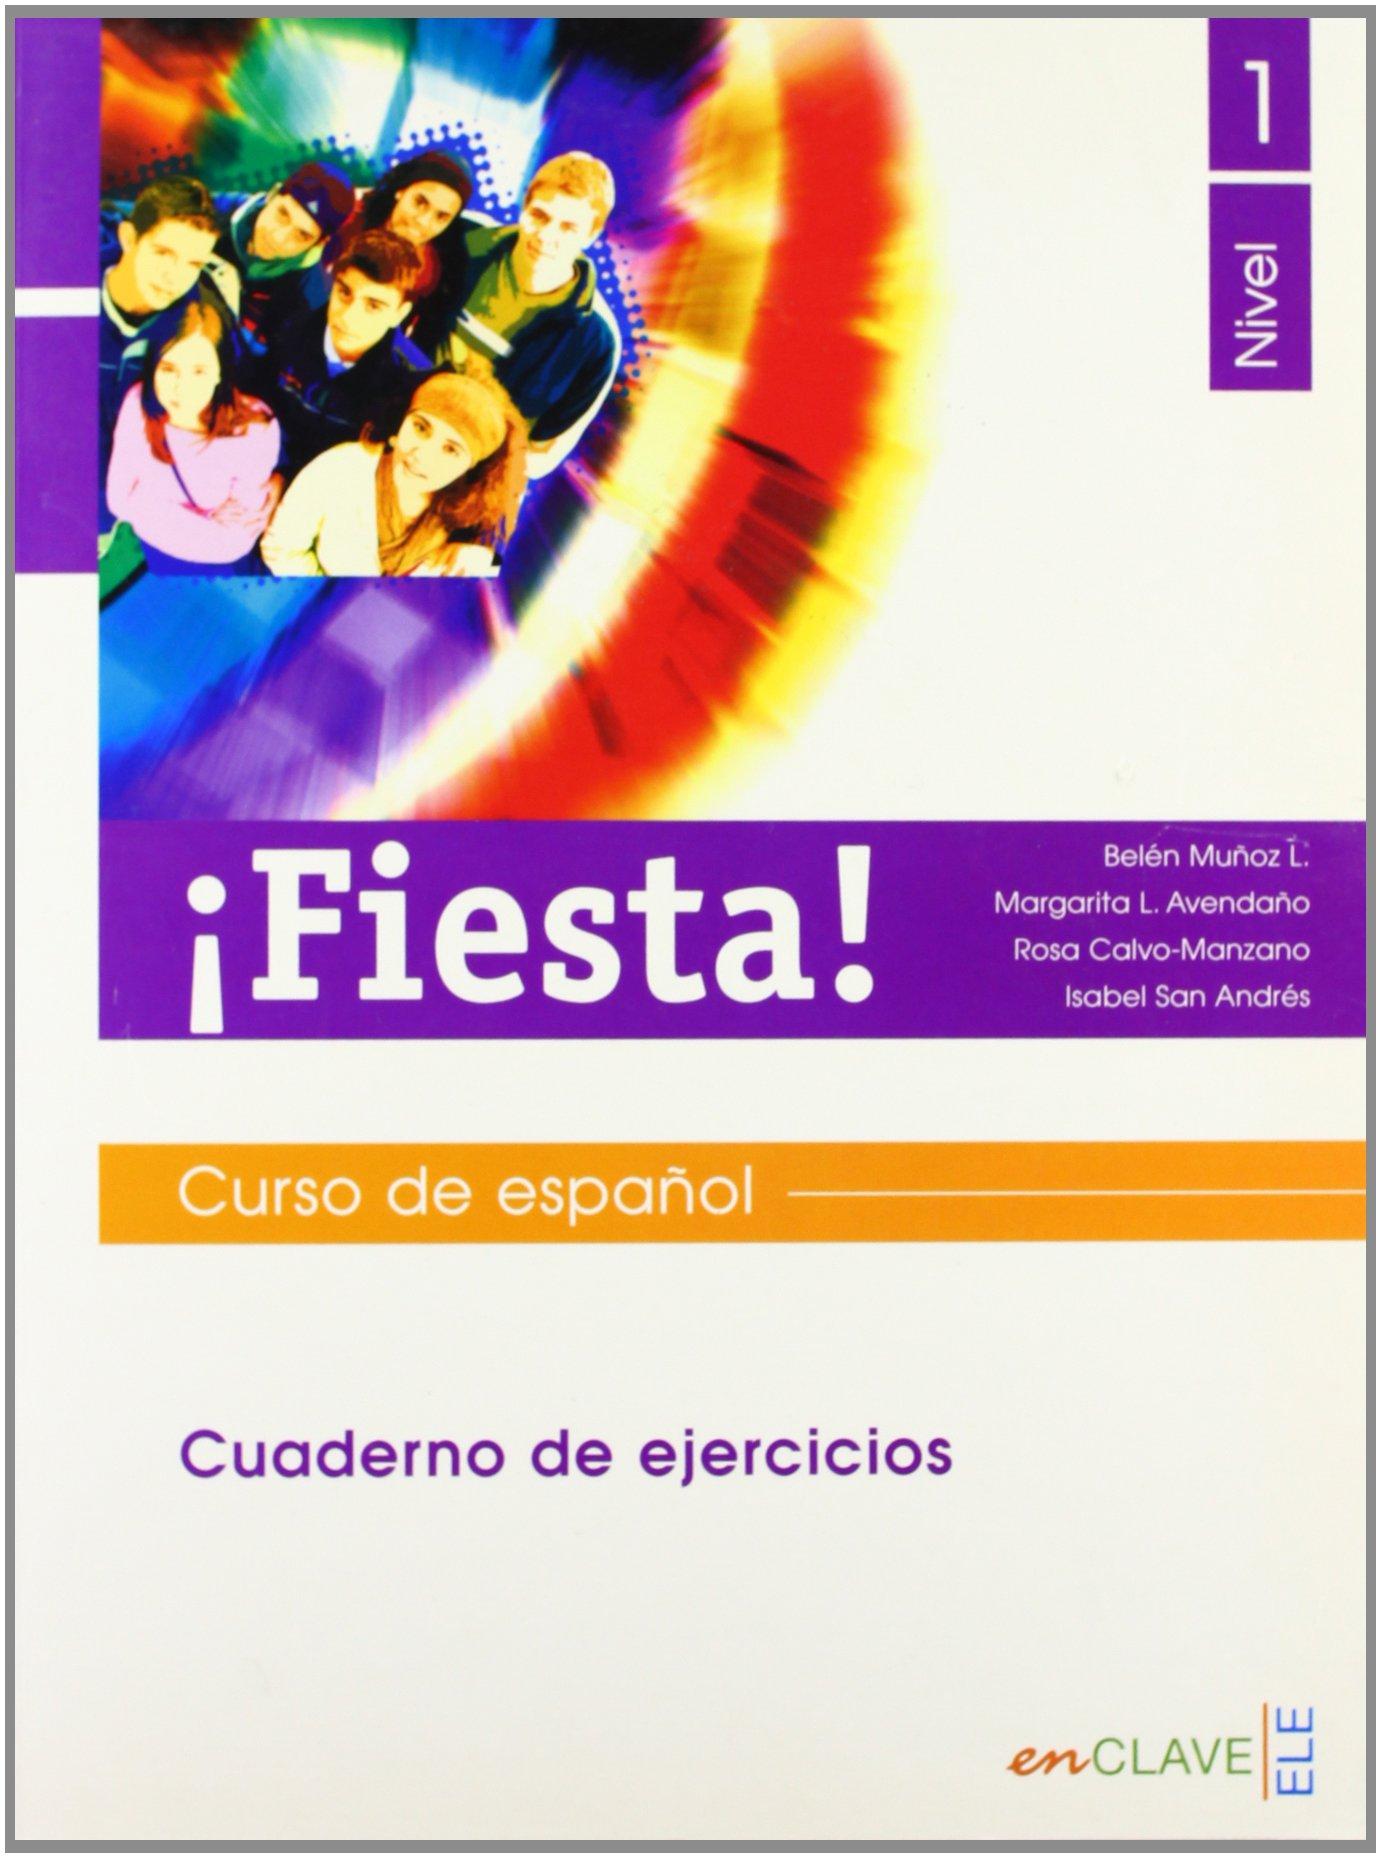 Download Fiesta 1 Cuaderno de ejercicios 1 (Spanish Edition) ebook